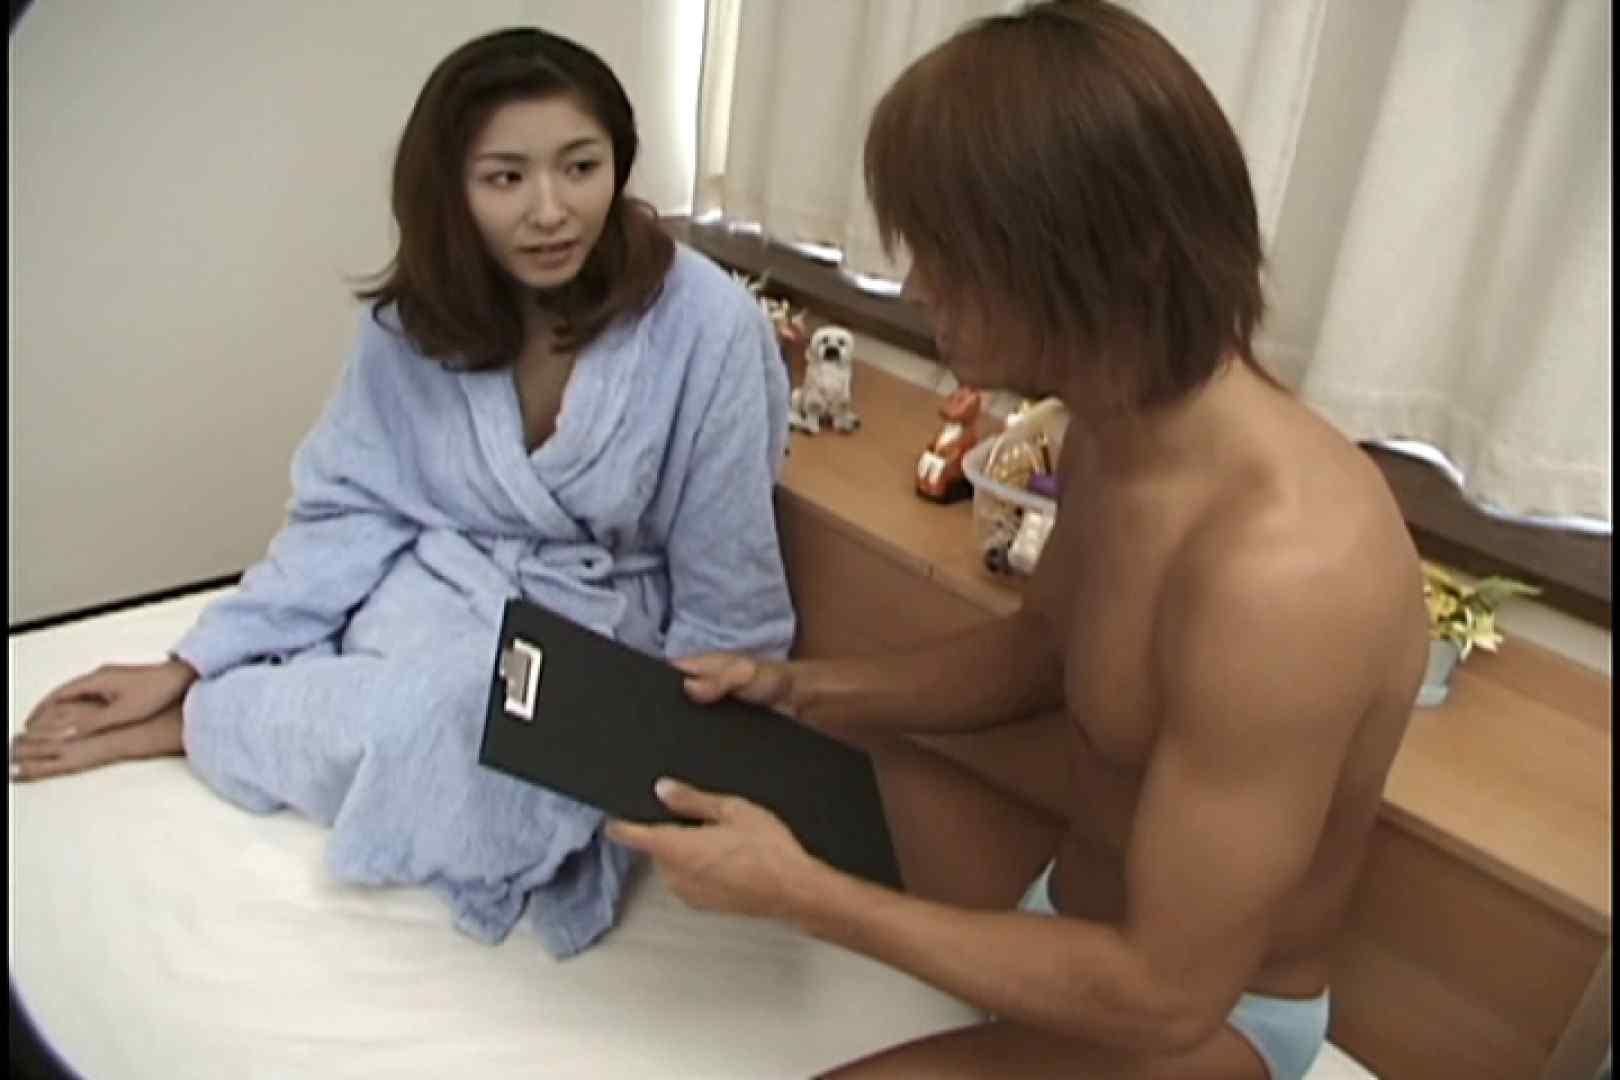 昼間の奥様は欲求不満 ~安田弘美~ SEX映像 AV無料動画キャプチャ 77pic 42